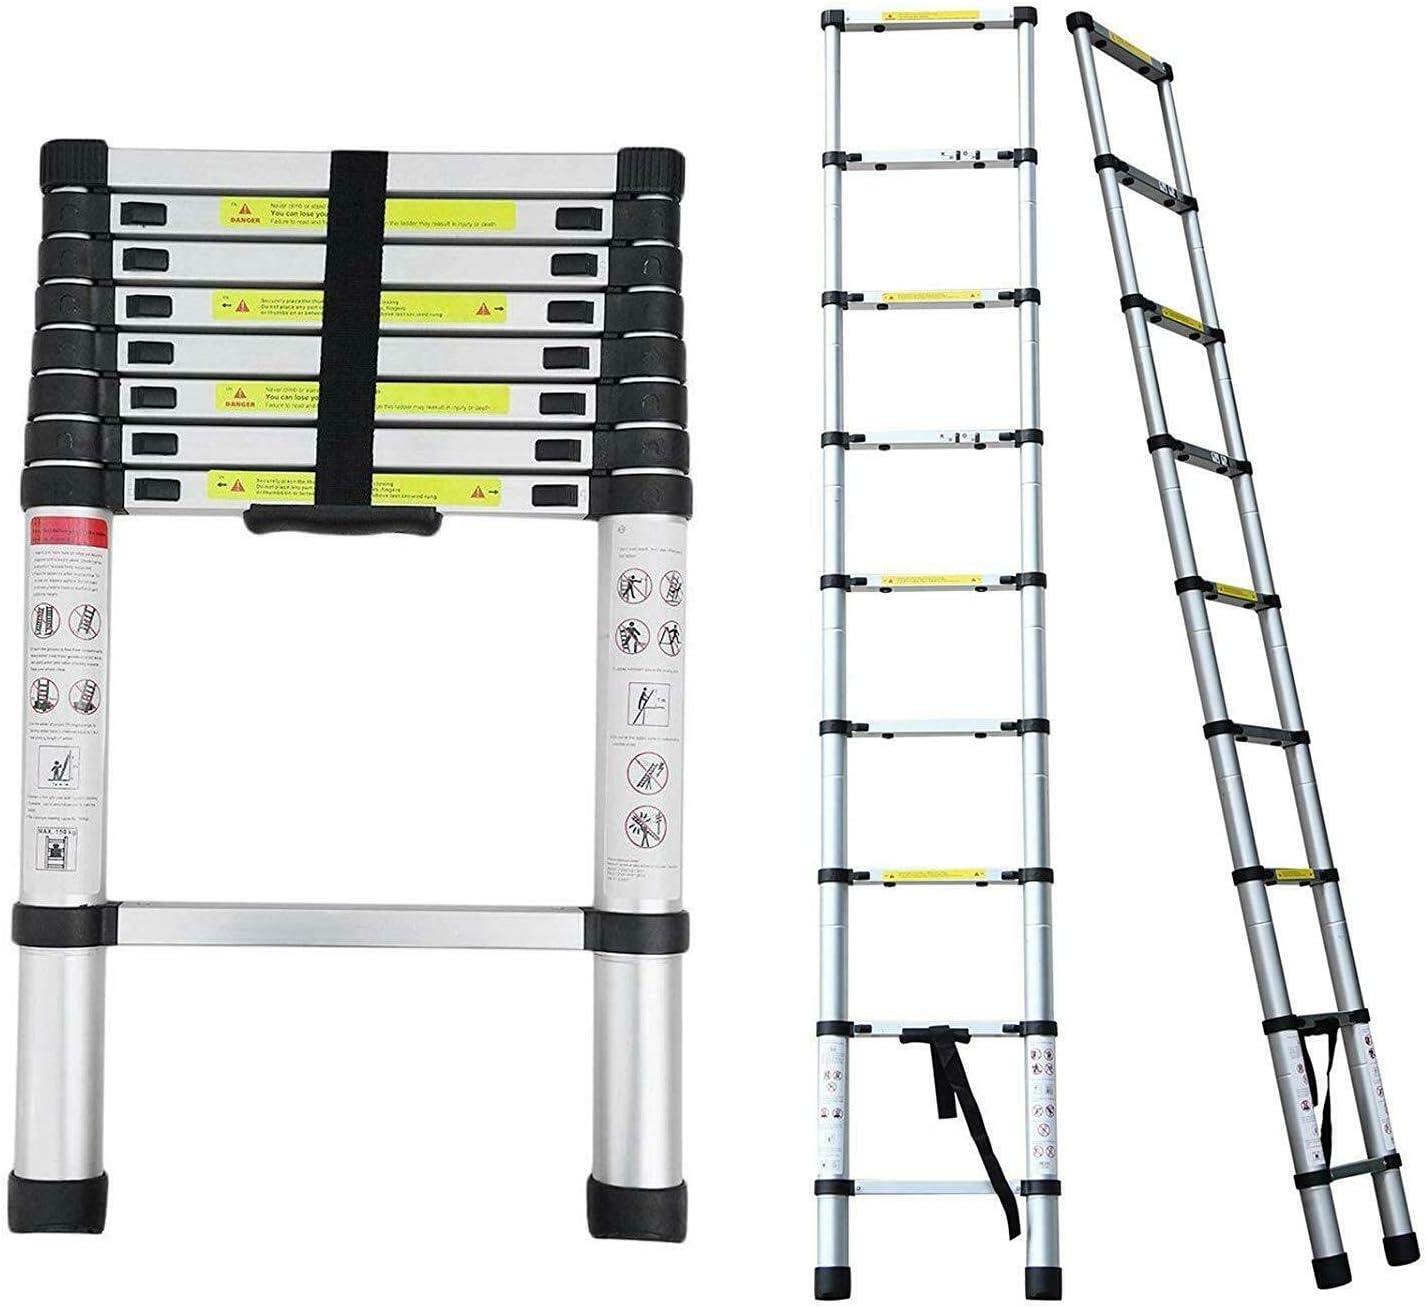 Escalera telescópica de 2,6 m, portátil, extensible, escalera de alminium, 9 peldaños, extensible, con certificación EN131, carga máxima de 330 libras: Amazon.es: Bricolaje y herramientas